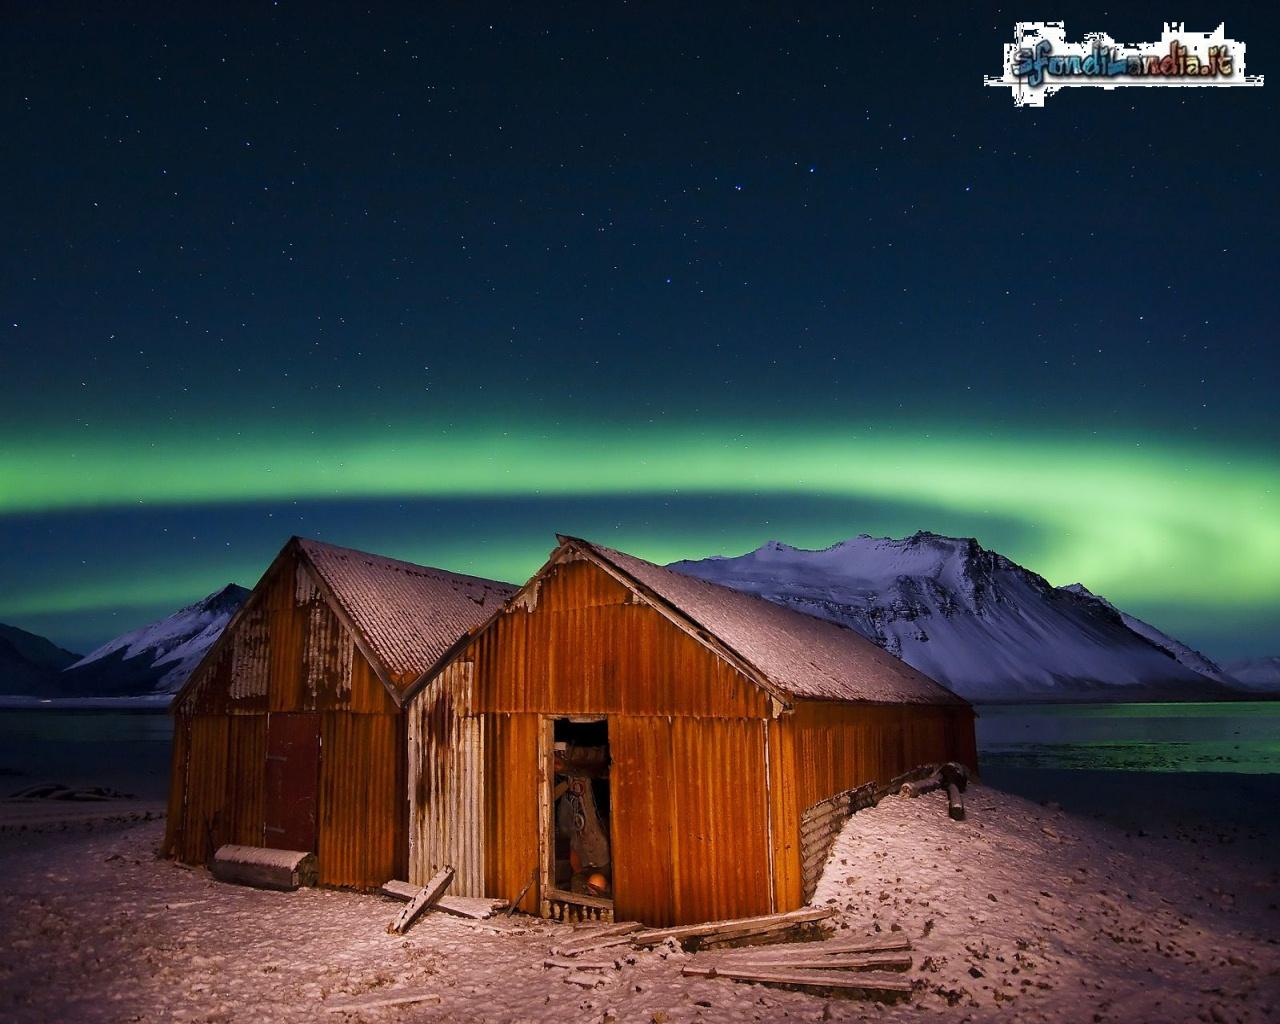 Sfondo gratis di aurora boreale per desktop smartphone for Aurora boreale sfondo